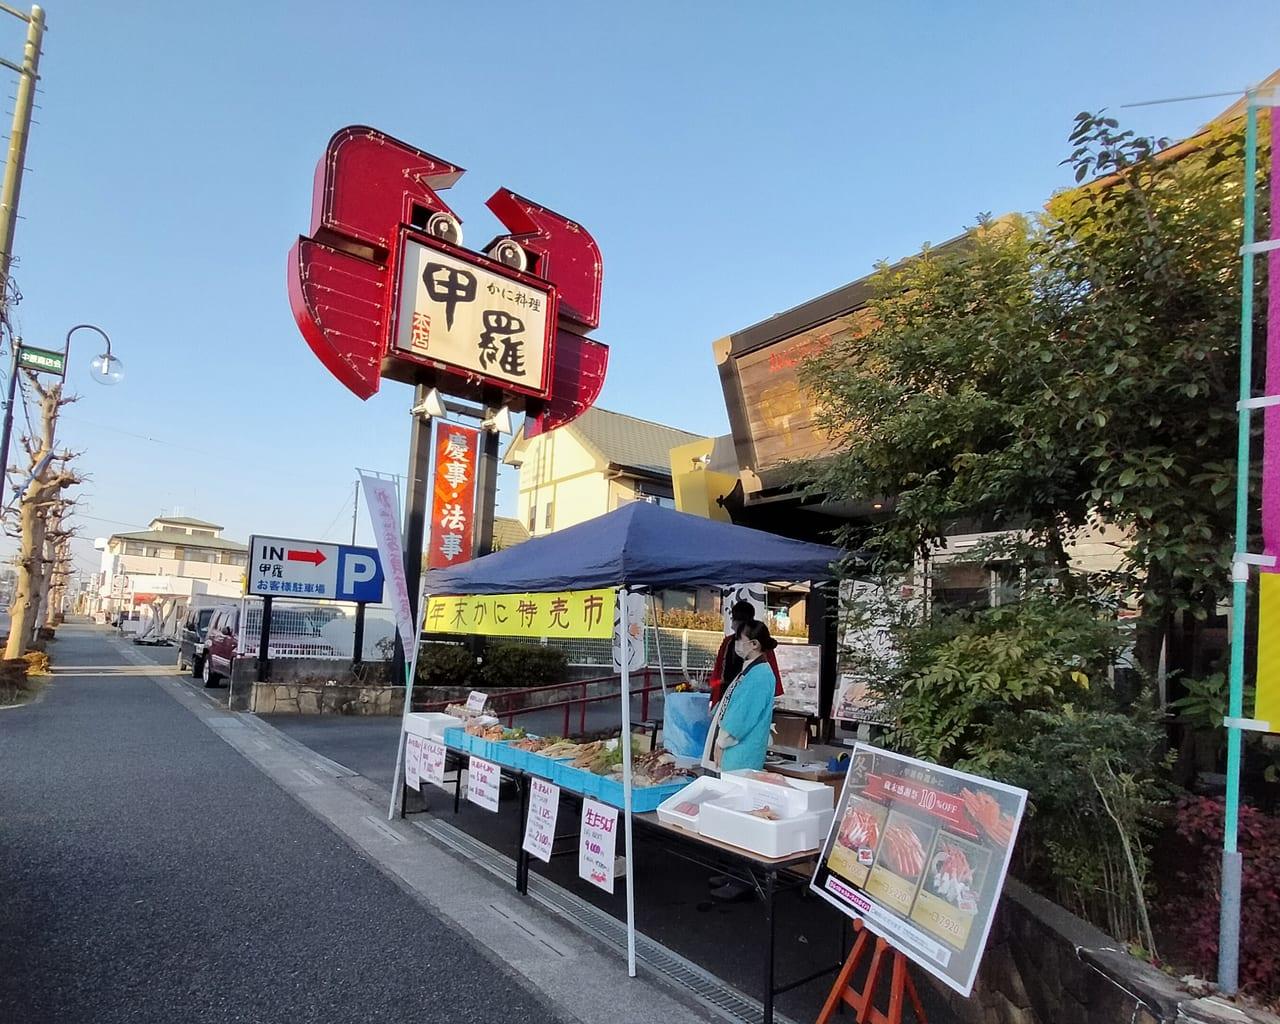 年末年始のごちそうにカニはいかが?「平塚甲羅本店」で12月28日(月)、29日(火)、30日(水)の3日間、カニの特売市を開催中!